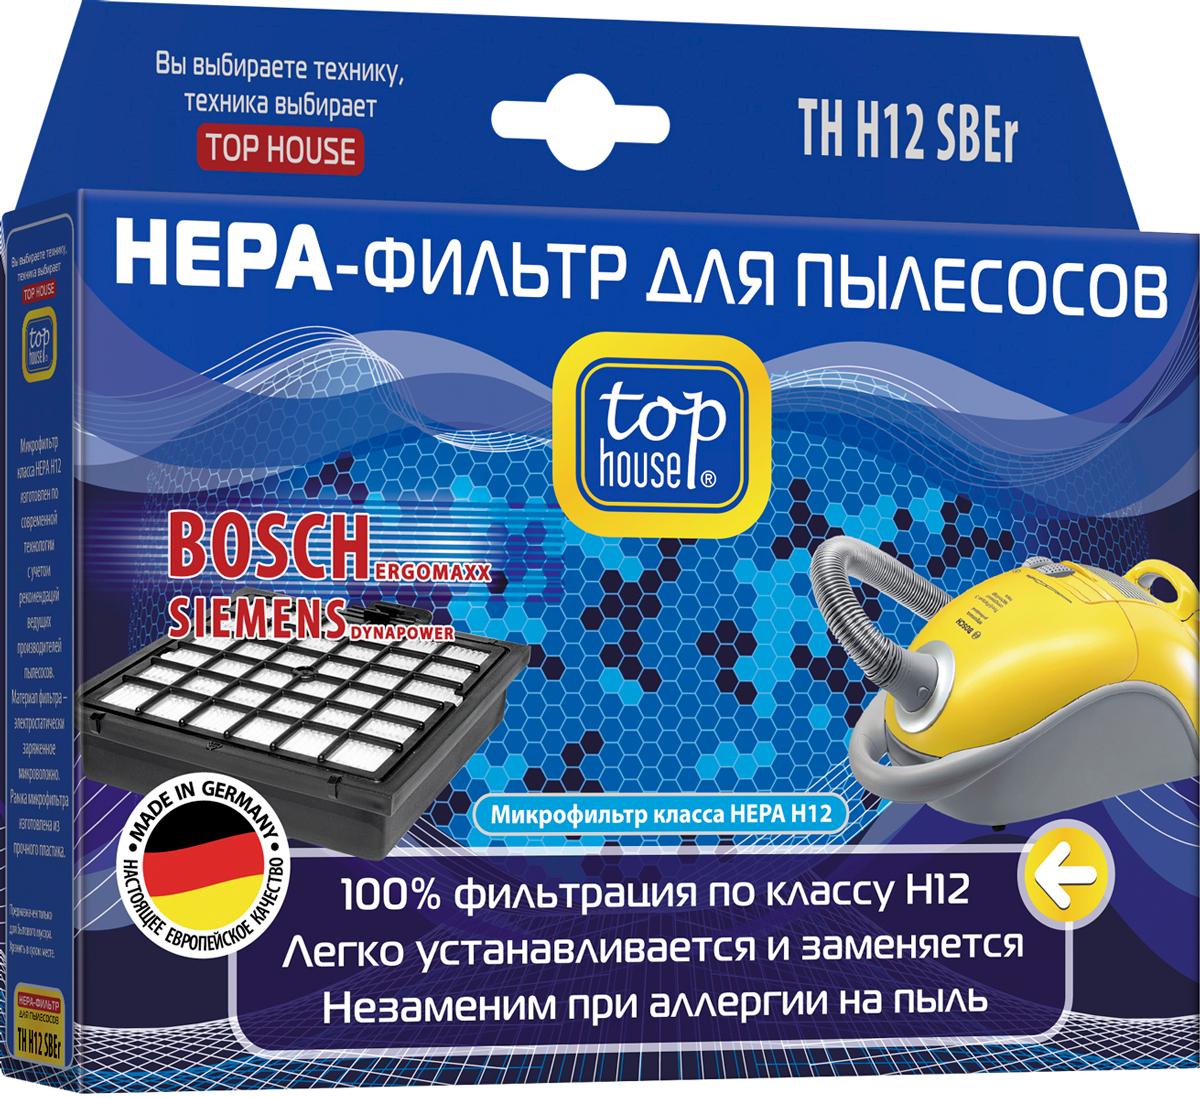 Top House TH H12 SBEr HEPA-фильтр для пылесосов Siemens/Bosch12887Микрофильтр Top House TH H12 SBEr с высокой степенью фильтрации. Очищает воздух от микро пыли, спор плесени, пыльцы растений, бактерий. Размер отфильтрованных частиц 0,0003 мм, что в 233 раз тоньше человеческого волоса. Рекомендуется использовать HEPA-фильтр для пылесоса людям, чувствительным к домашней пыли или страдающим аллергией, а также, если в доме есть маленькие дети.